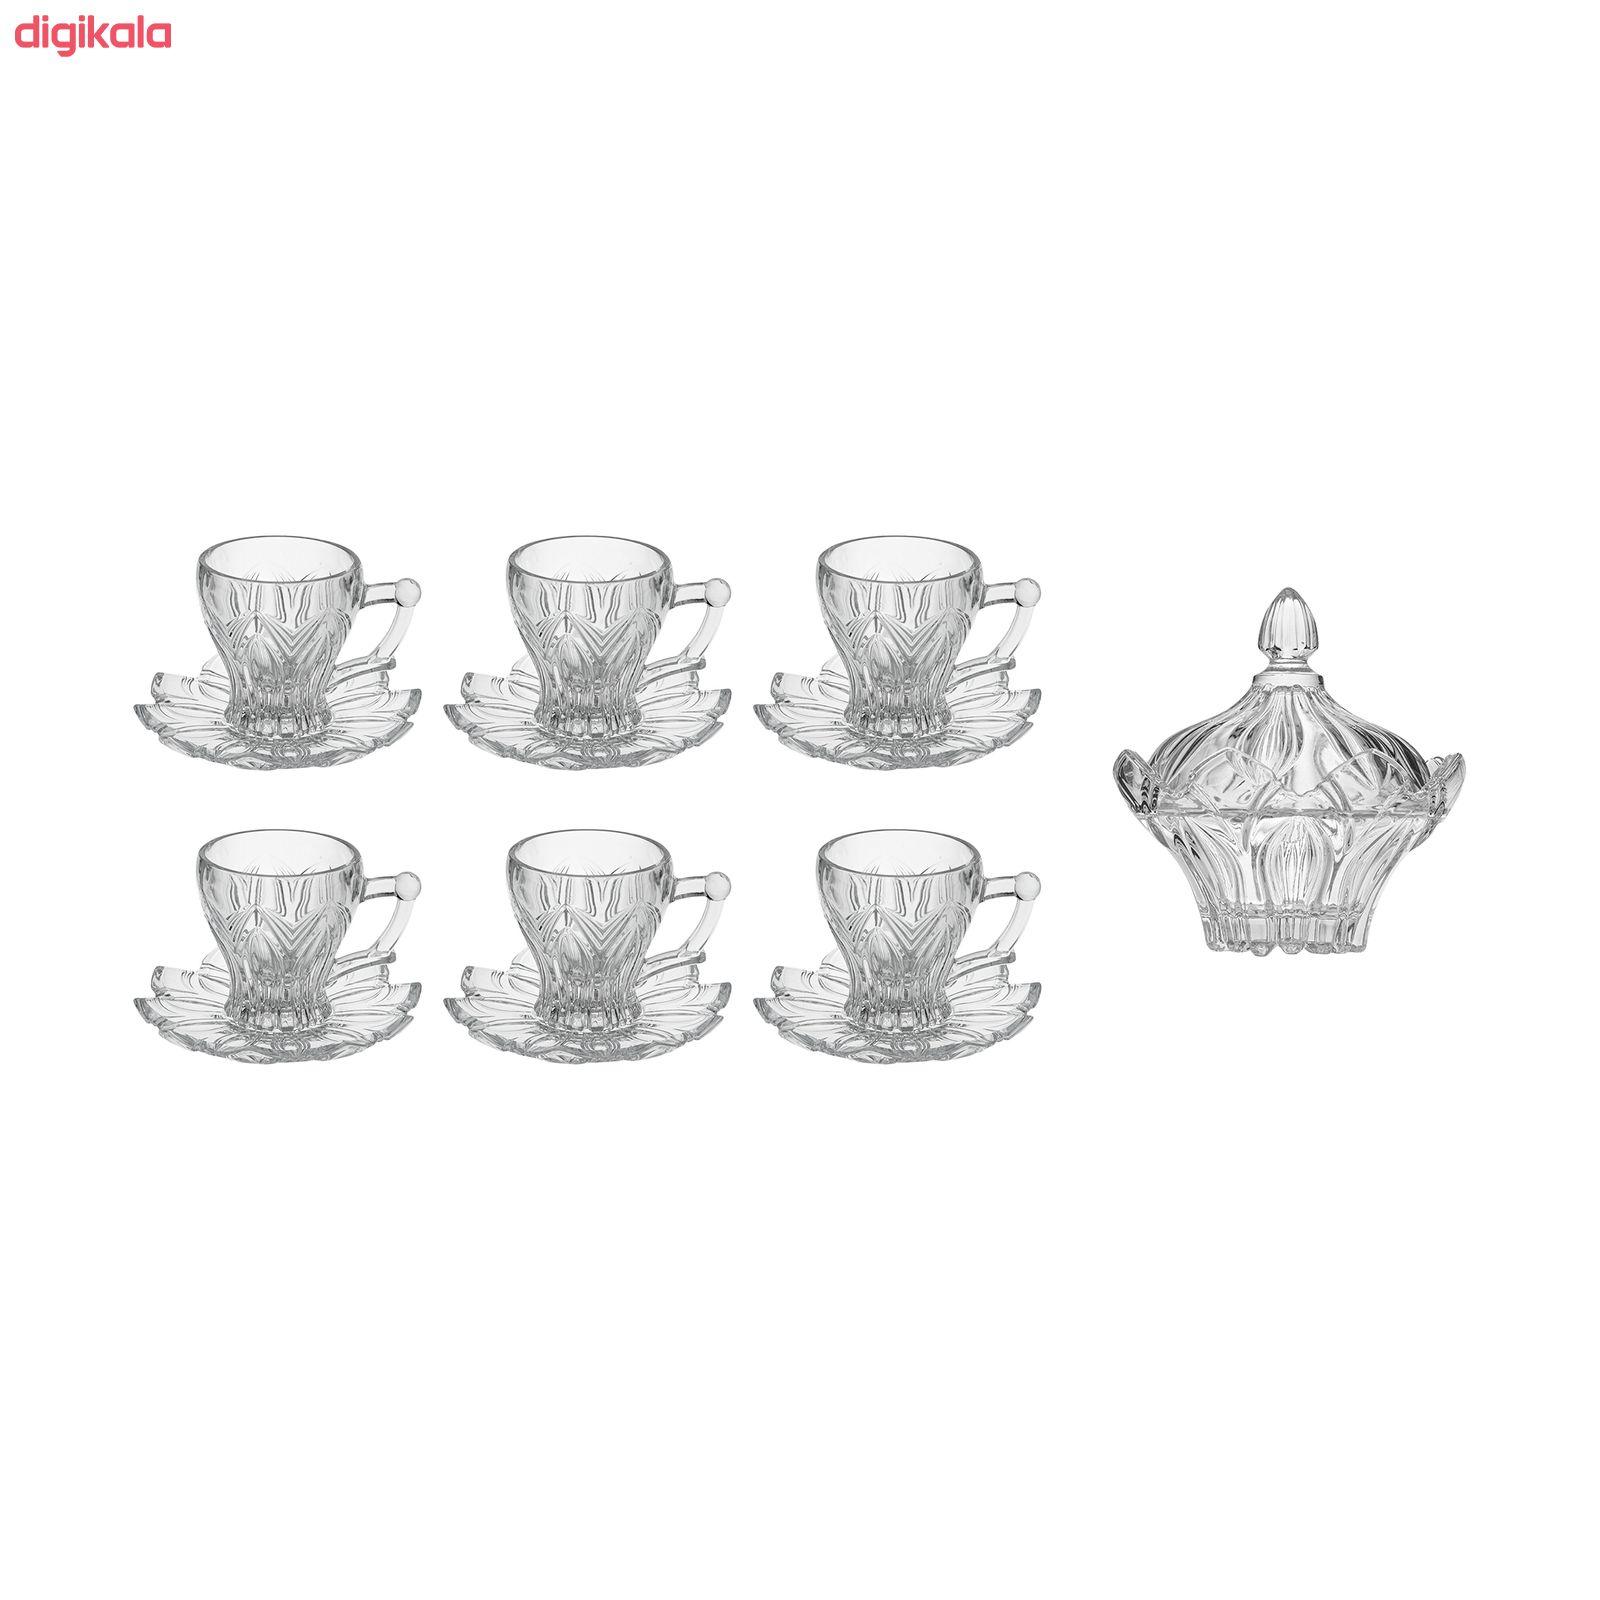 سرویس چای خوری 14 پارچه ساکورا مدل ویلا کد 572102W main 1 13